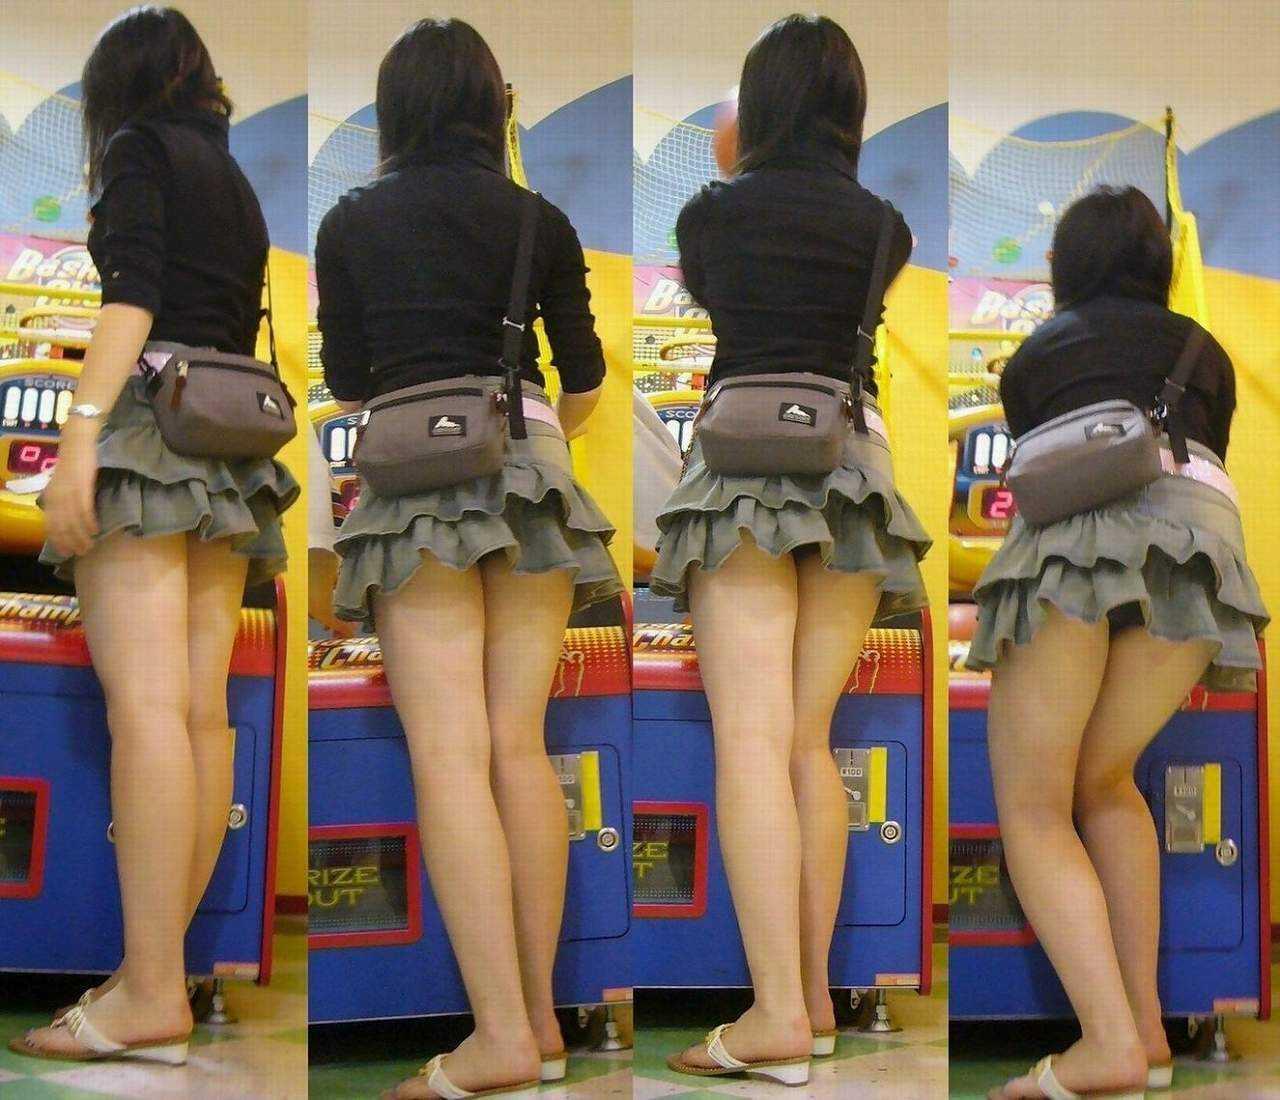 スカートが短すぎて下着が丸見え (14)